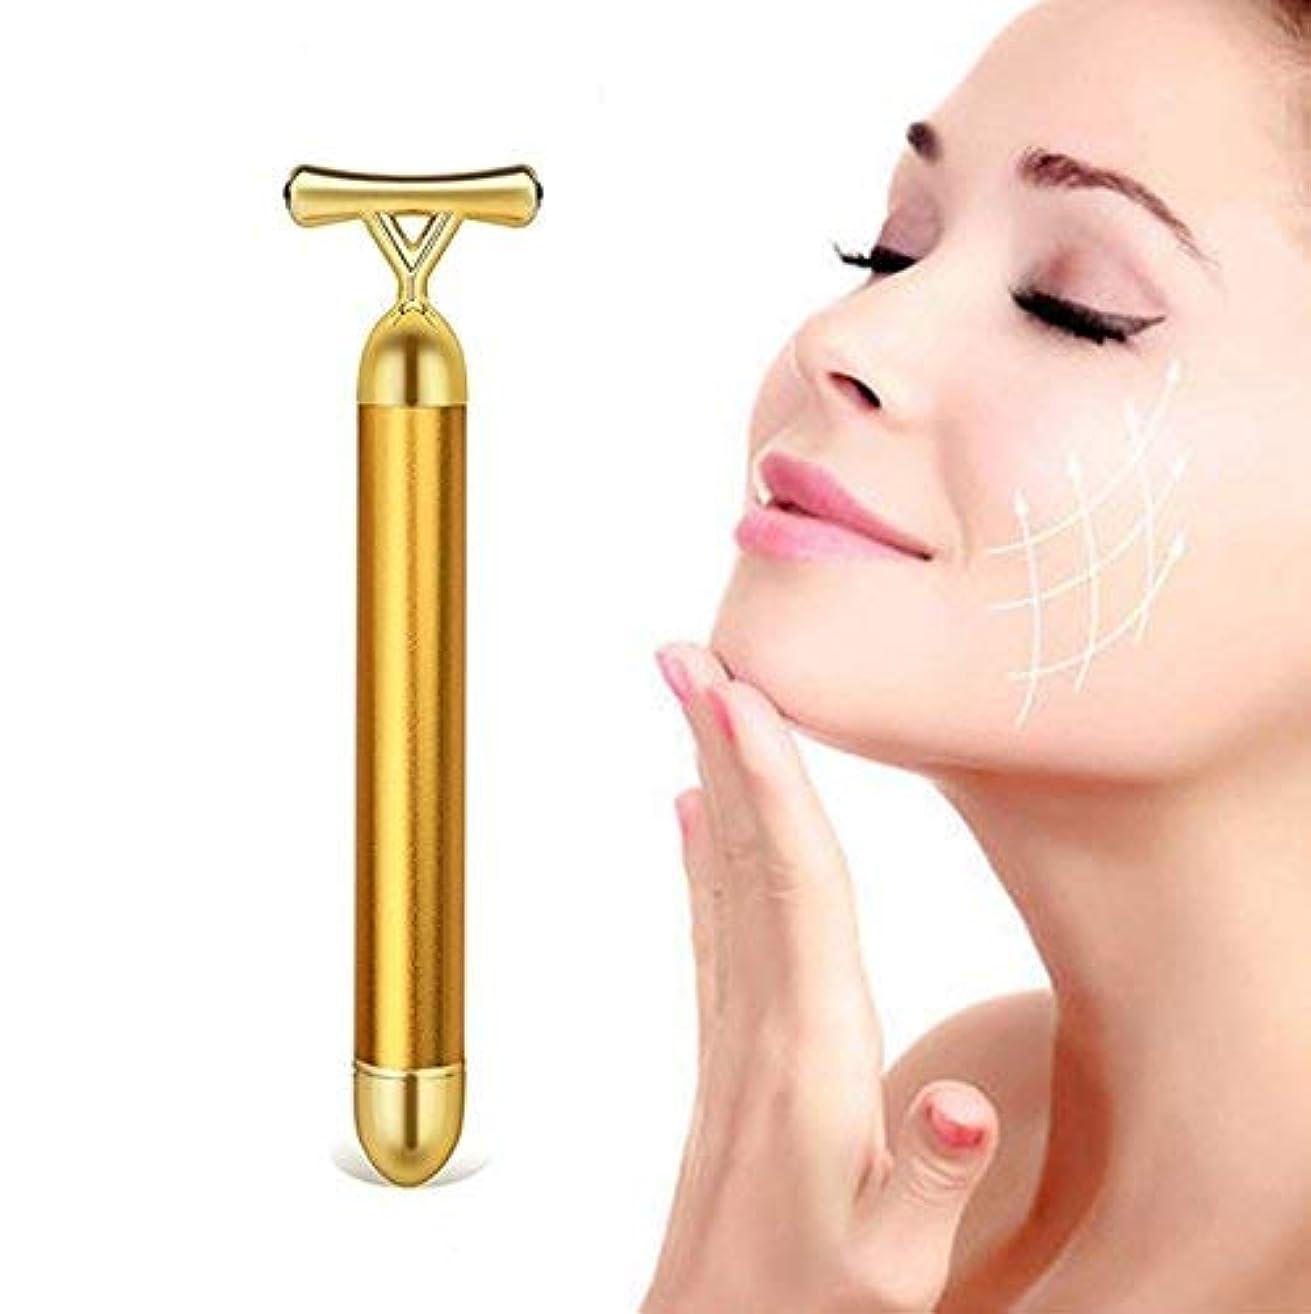 スケルトン貴重な競合他社選手Beauty Bar 24k Golden Pulse Facial Massager Y-Shape Electric Face Massage Tools Gold Stick Skincare Wrinkle Treatment...